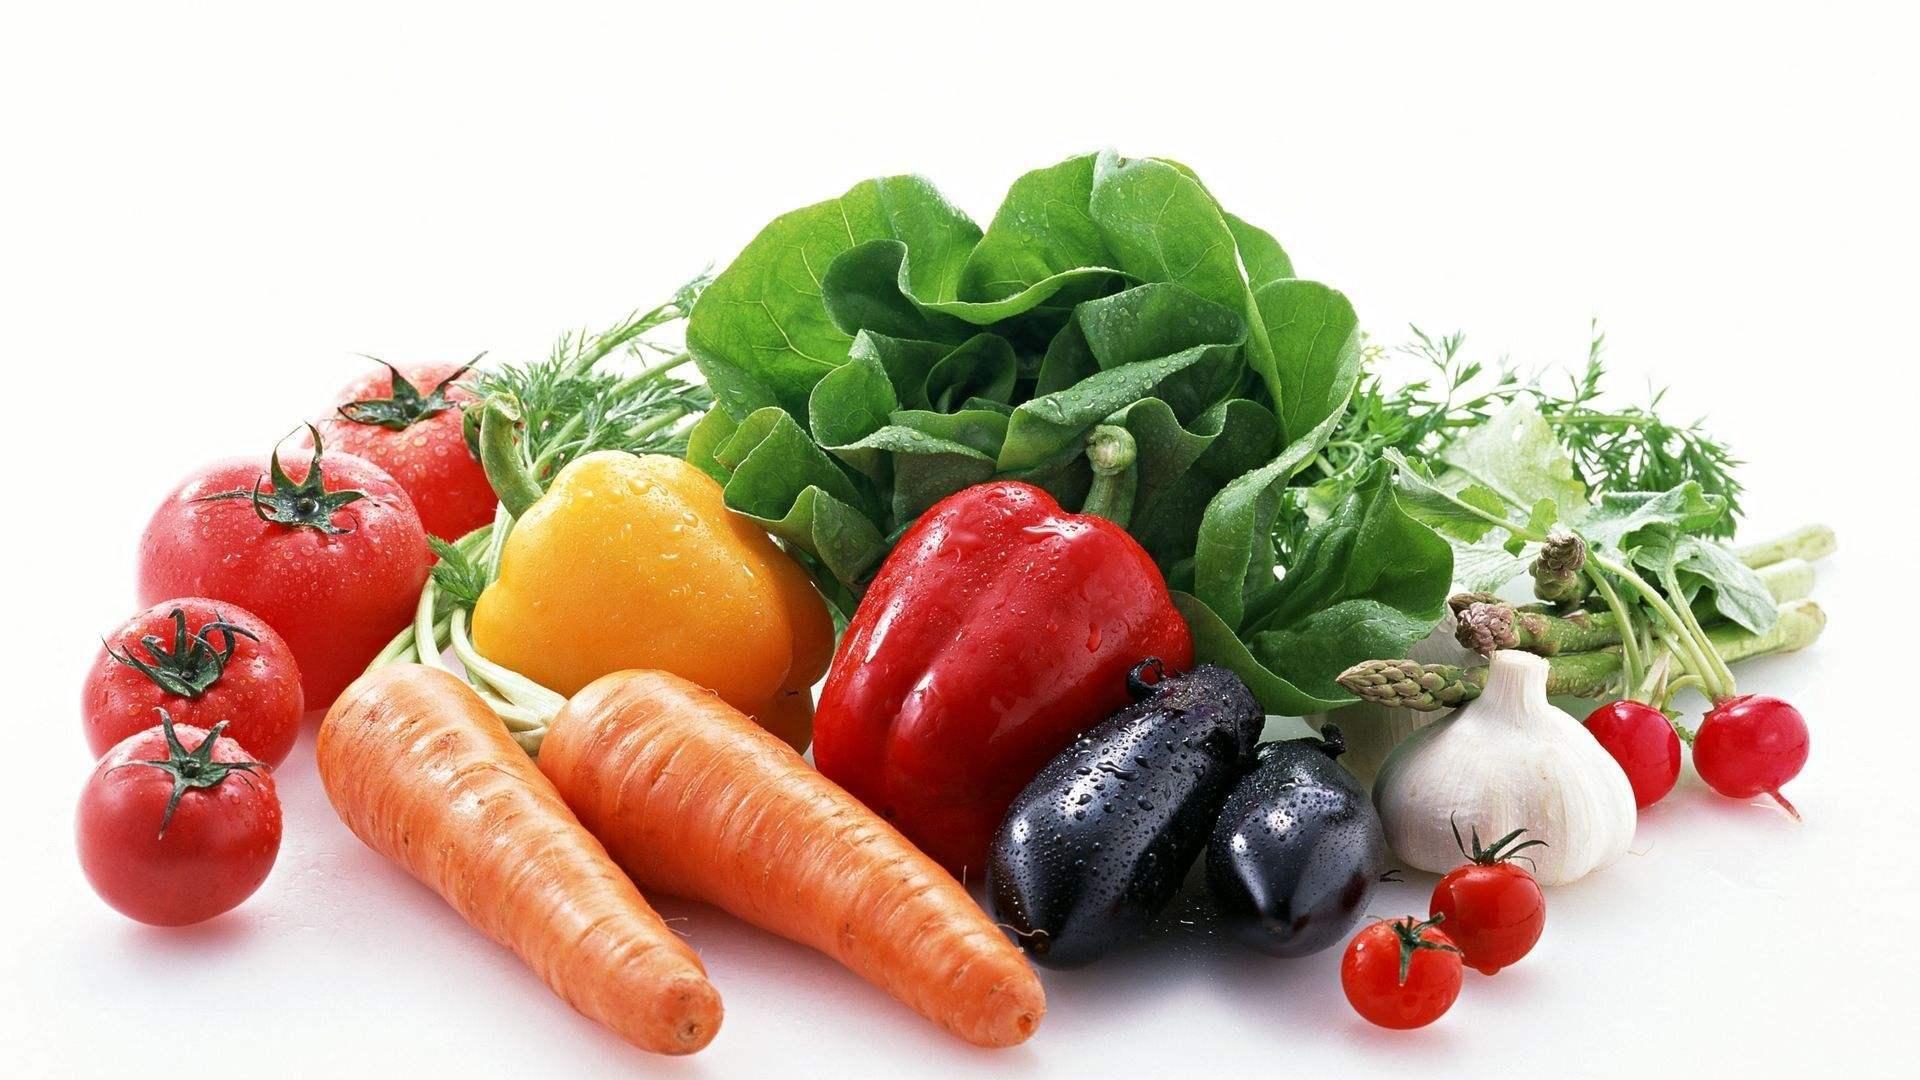 [非淀粉类蔬]保持这4个习惯,预防重病,让你拥有一个健康身体